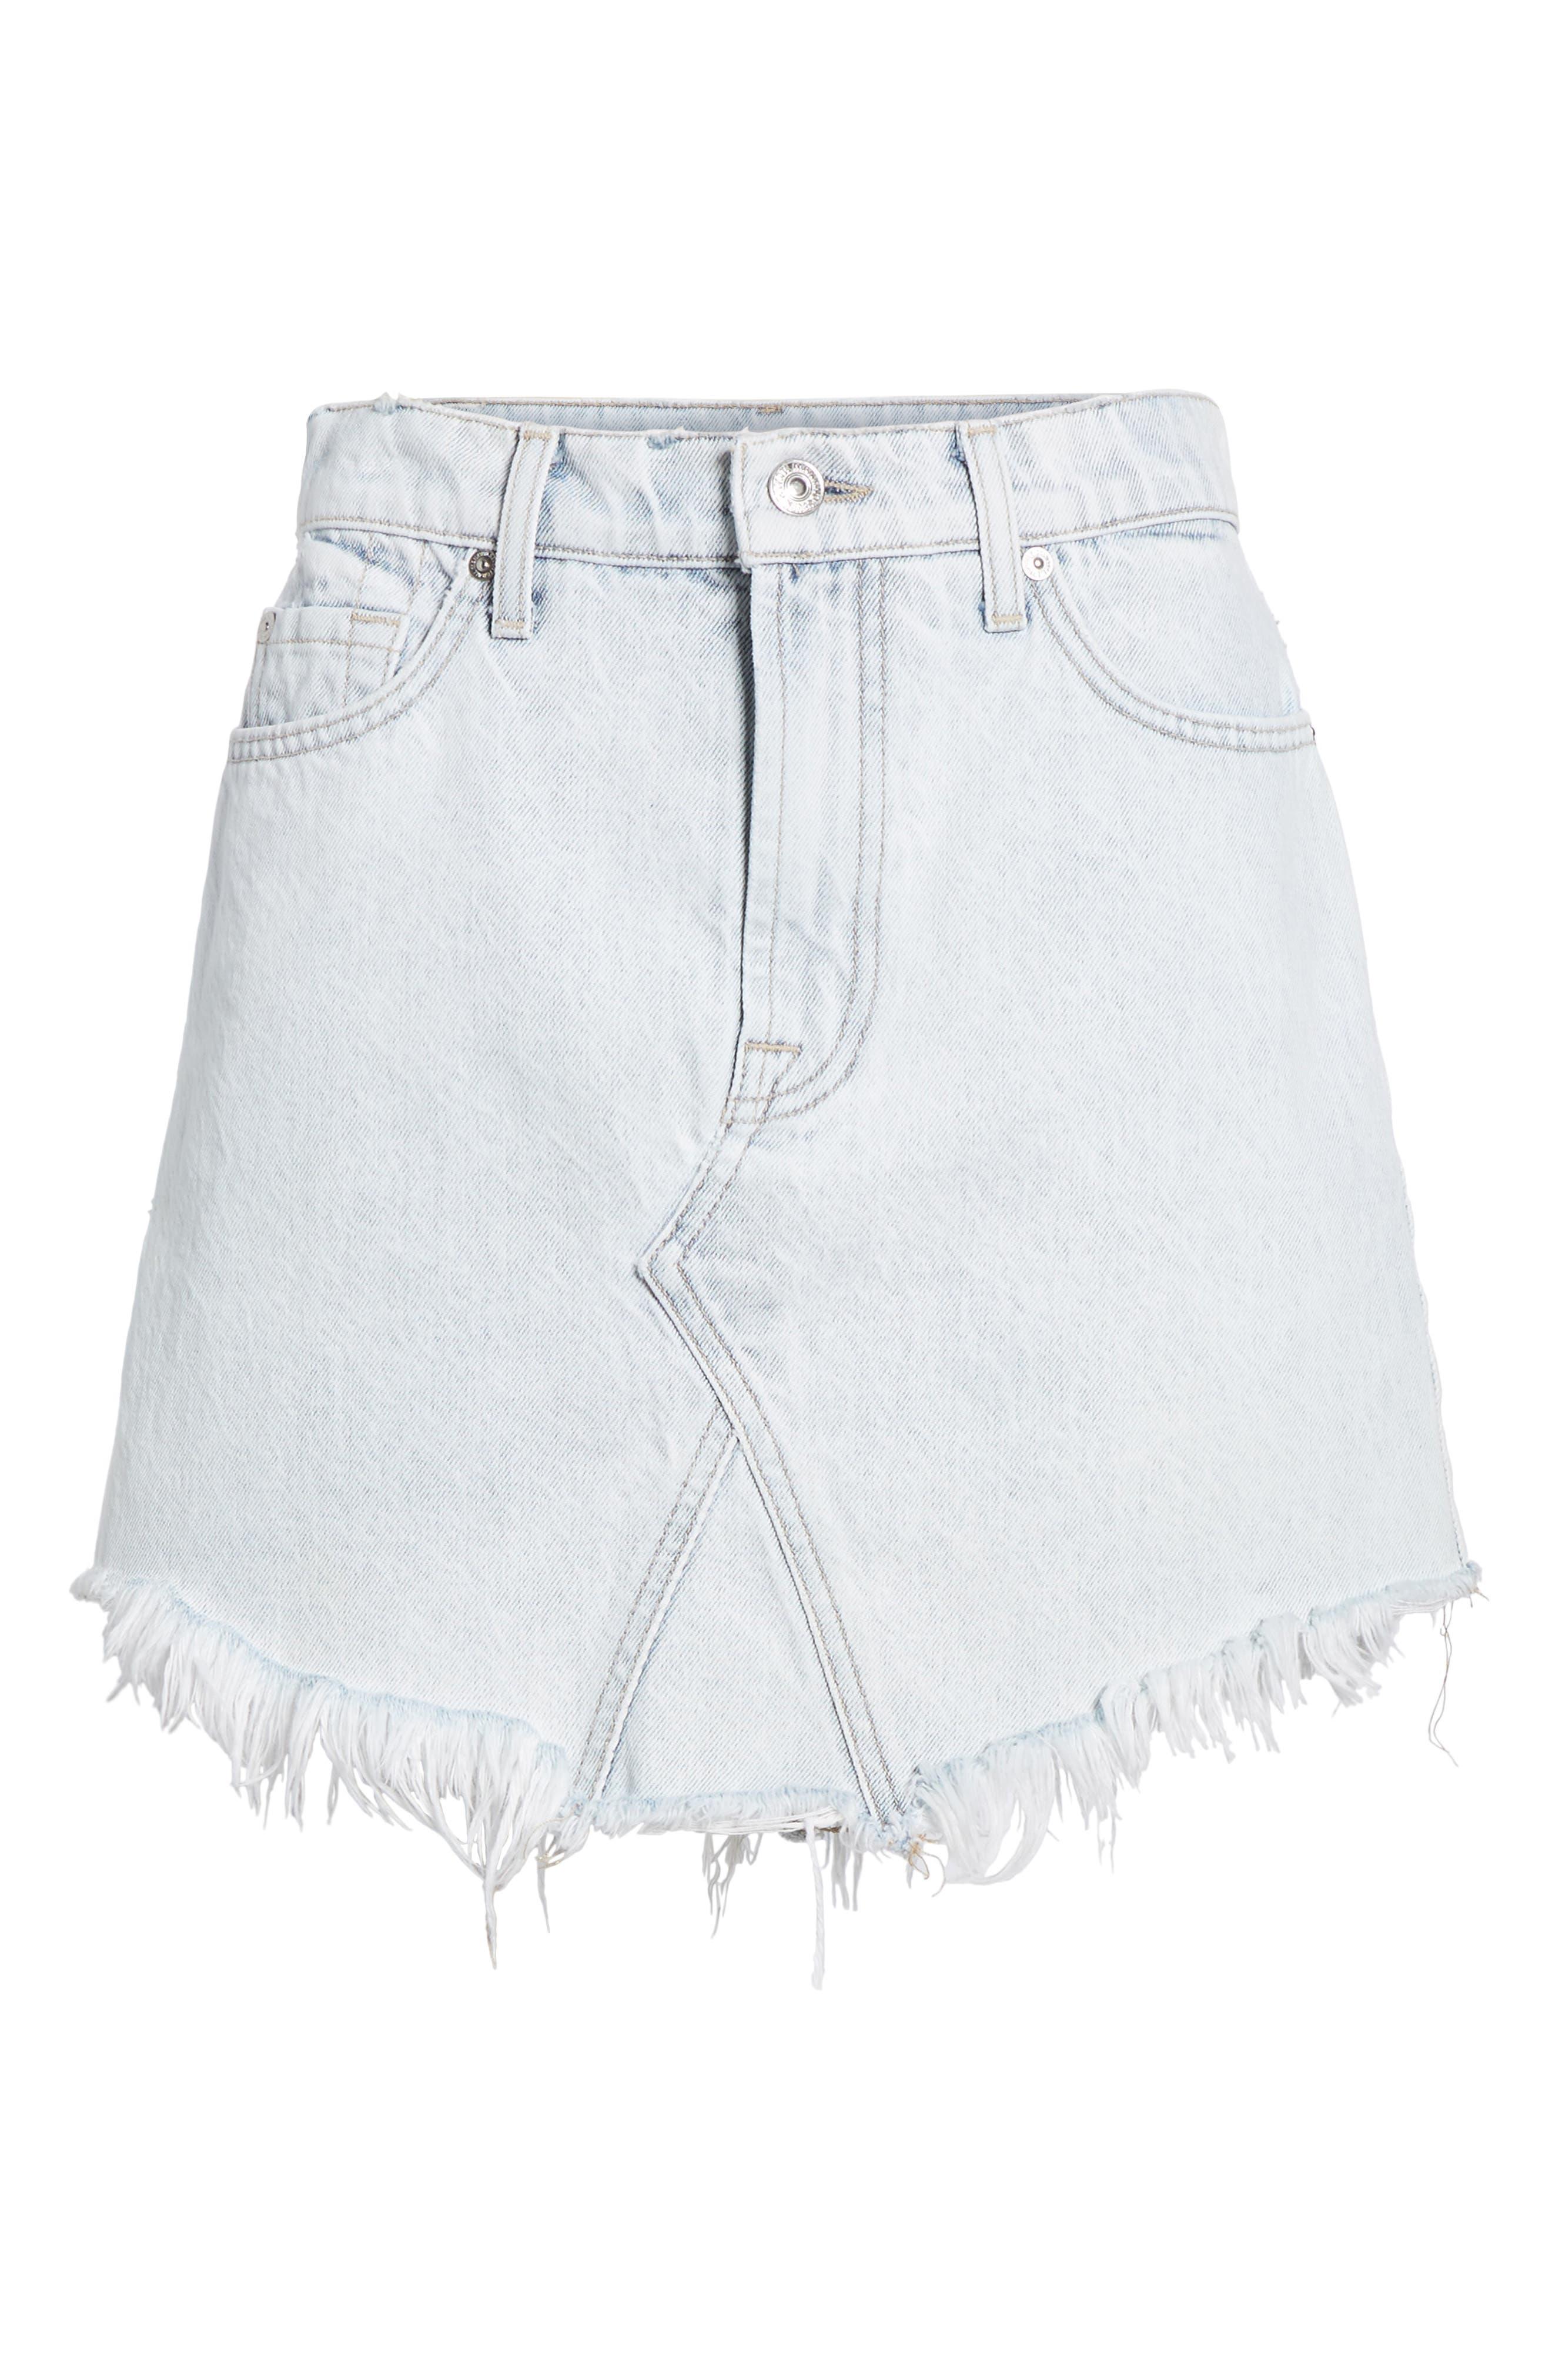 Scallop Fray Hem Denim Skirt,                             Alternate thumbnail 6, color,                             Desert Sun Bleached